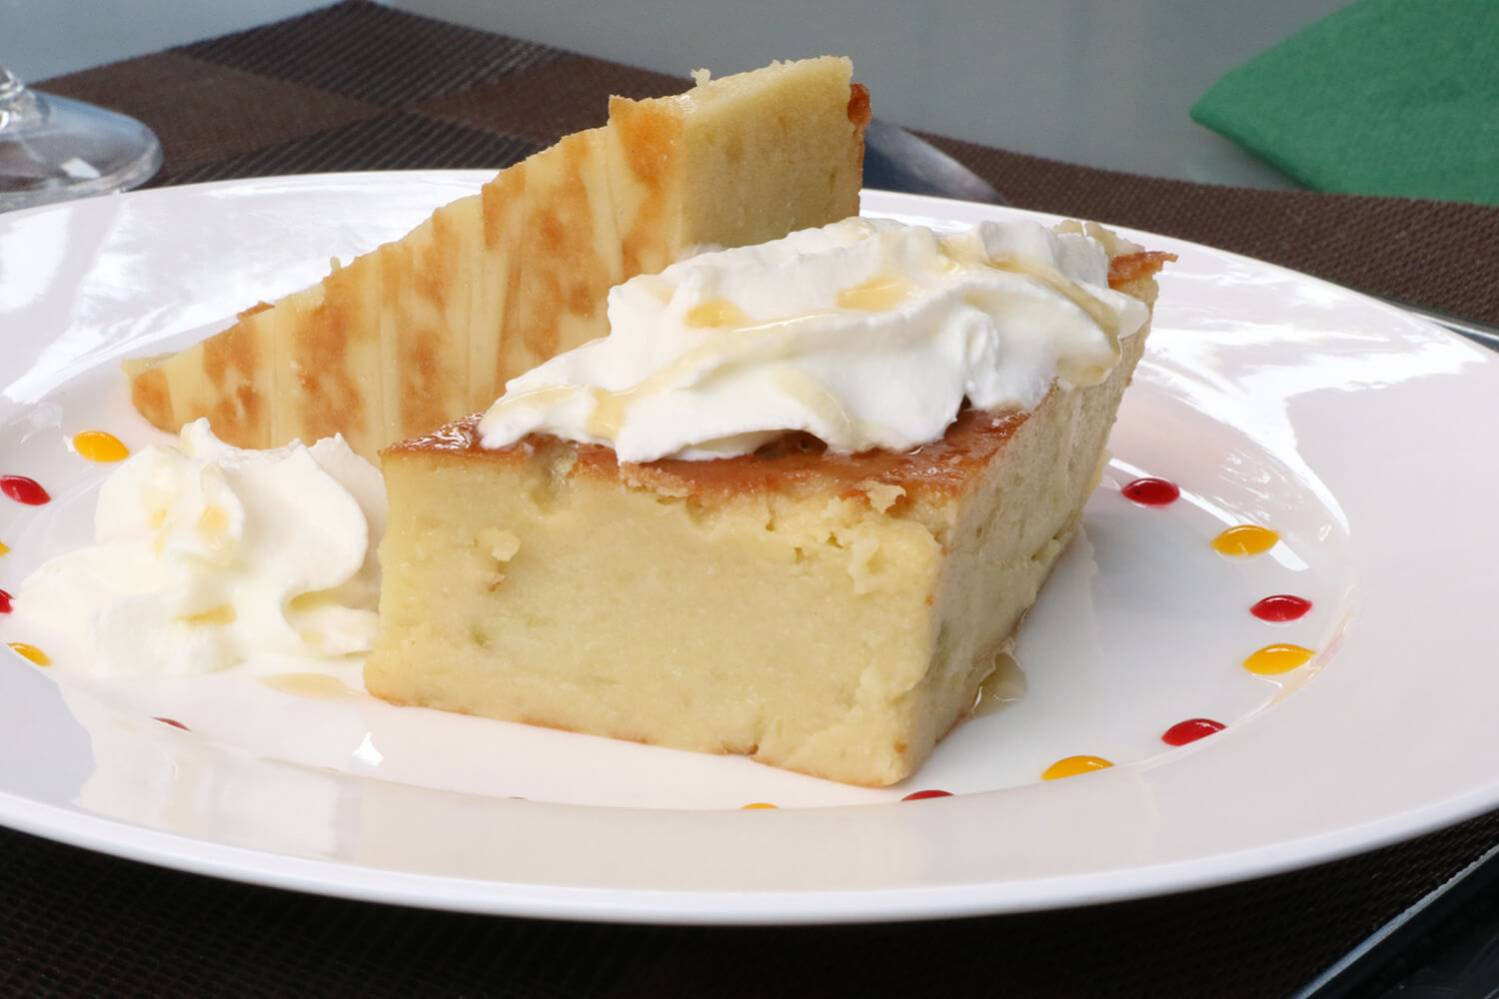 Le gâteau patate est le dessert traditionnel de l'ile de La Réunion 974